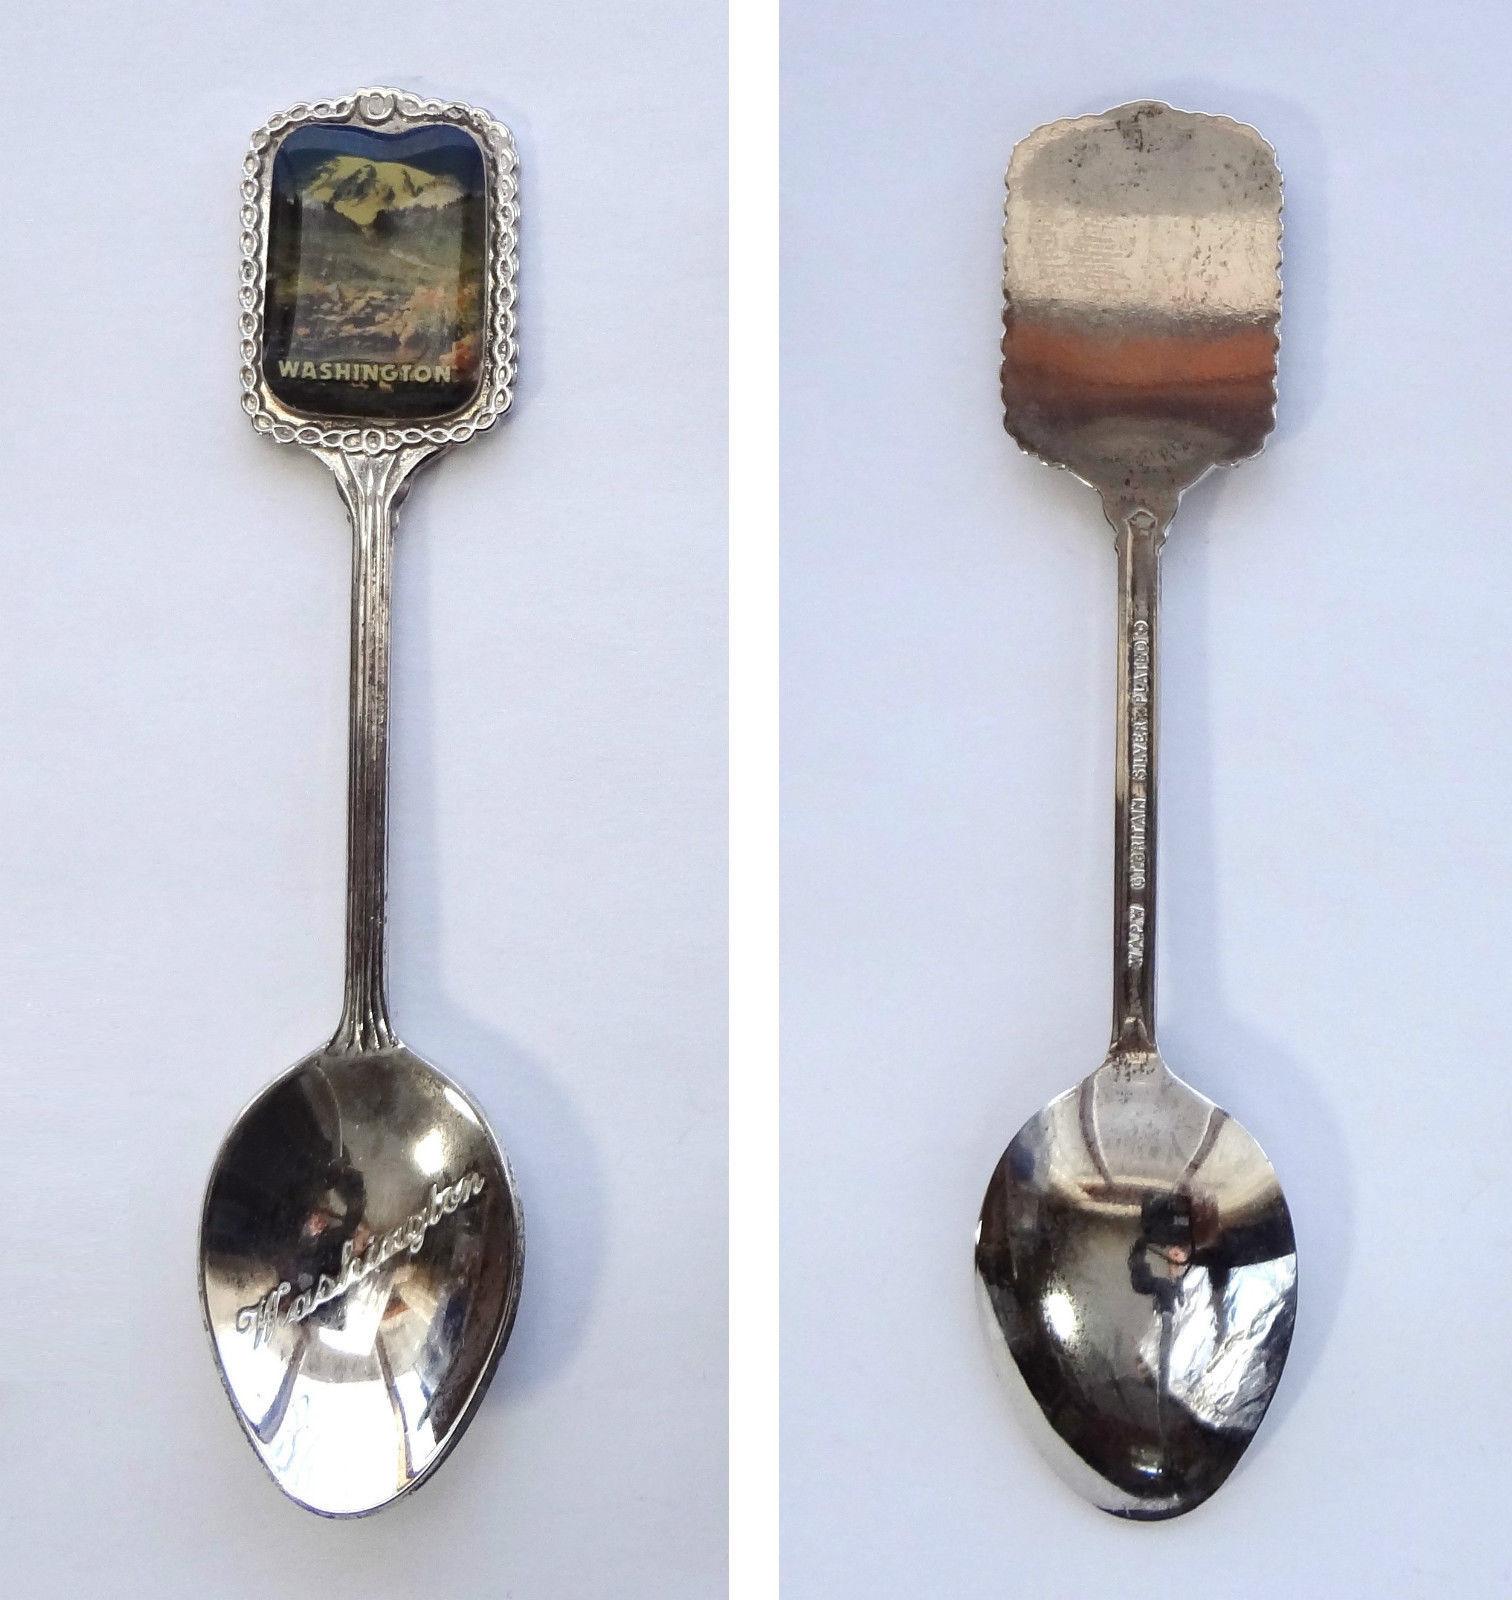 Collector Souvenir Spoon USA Washington Mountain View Emblem